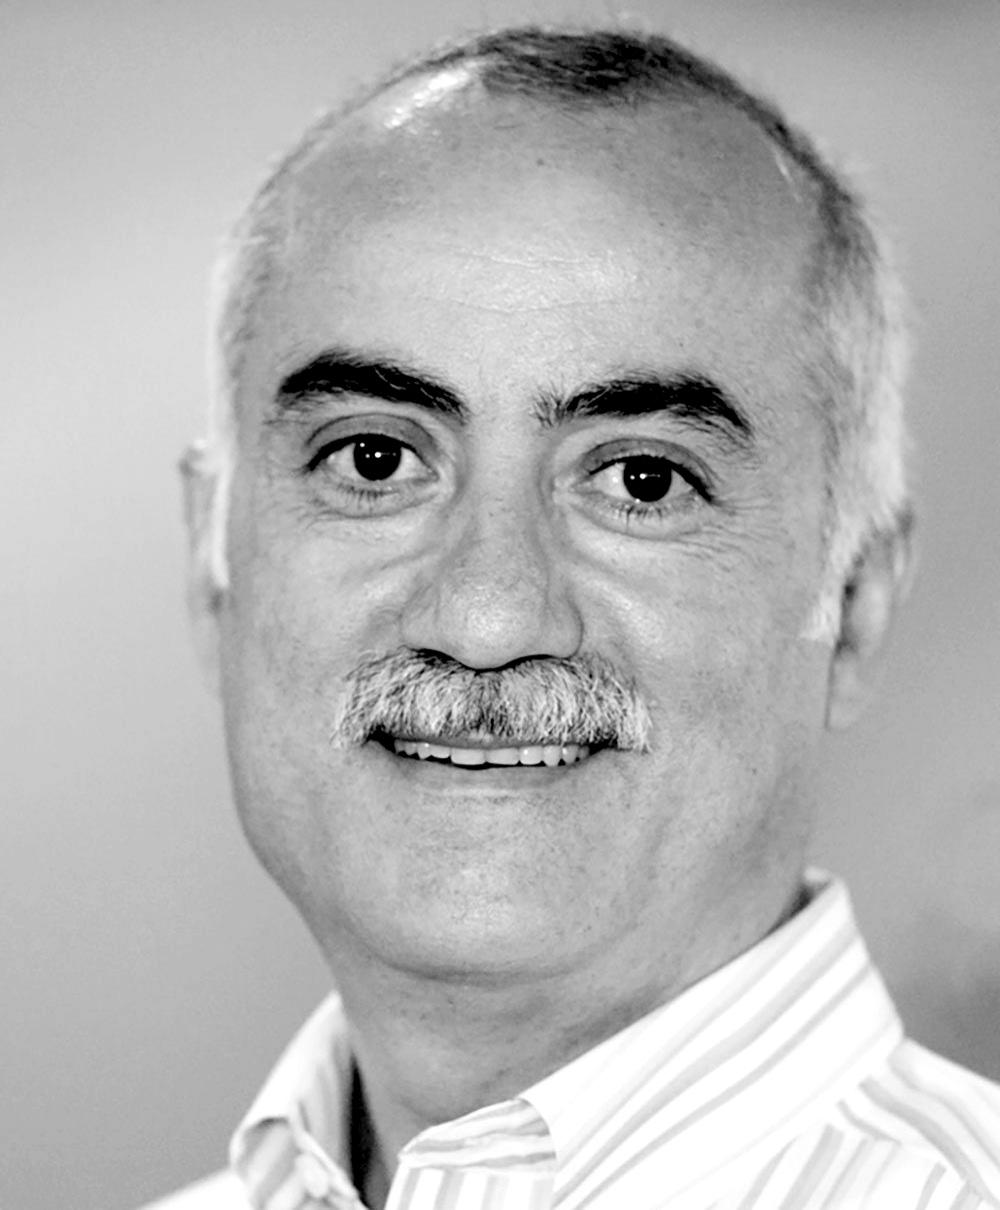 Headshot of Fouad Mustafa